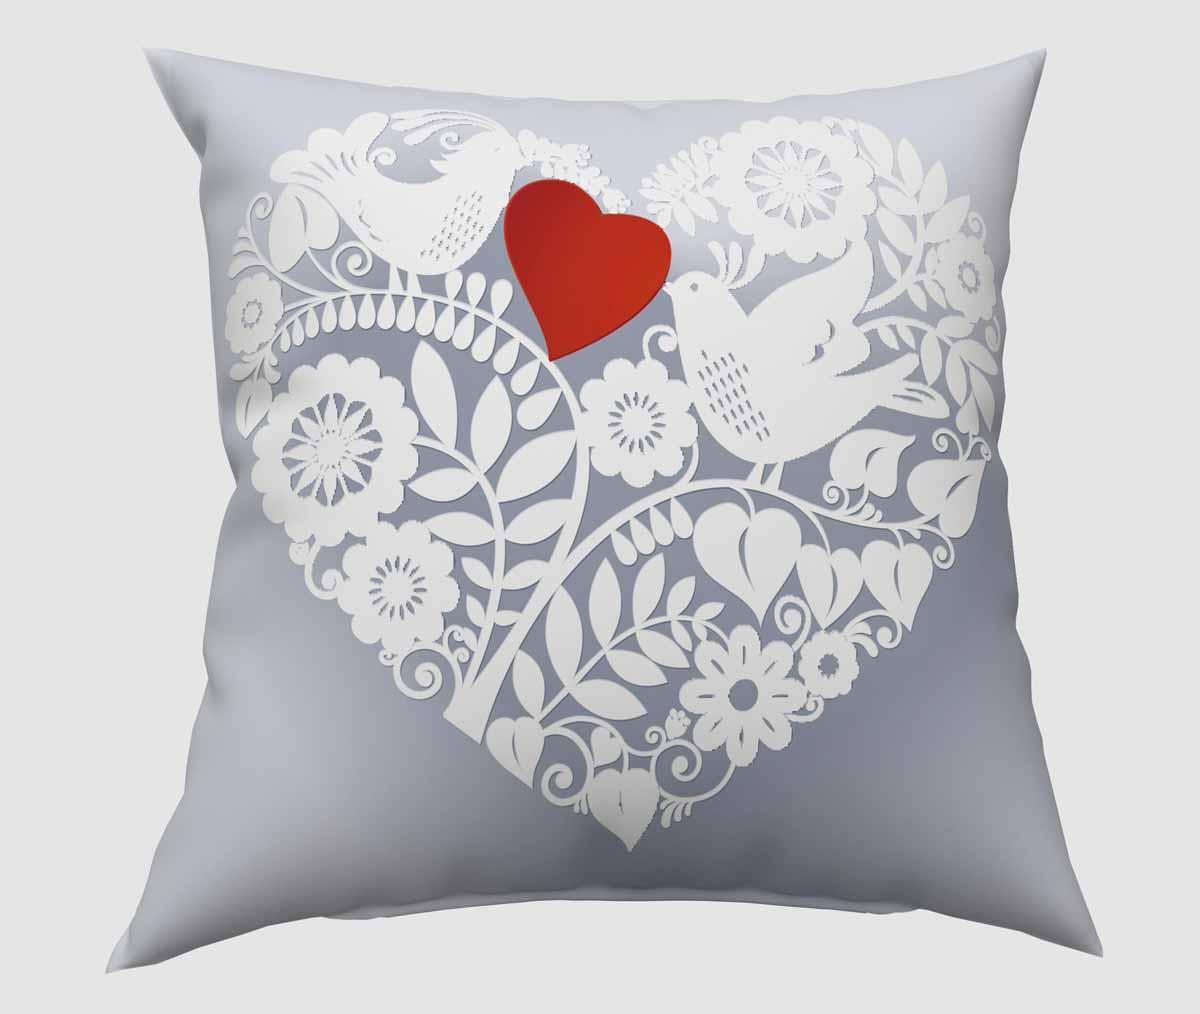 Подушка декоративная Сирень Ажурное сердце, 40 х 40 см1004900000360Декоративная подушка Сирень Ажурное сердце, изготовленная из габардина (100% полиэстер), прекрасно дополнит интерьер спальни или гостиной. Подушка оформлена красочным изображением. Внутри - мягкий наполнитель из холлофайбера (100% полиэстер). Красивая подушка создаст атмосферу тепла и уюта в спальне и станет прекрасным элементом декора.